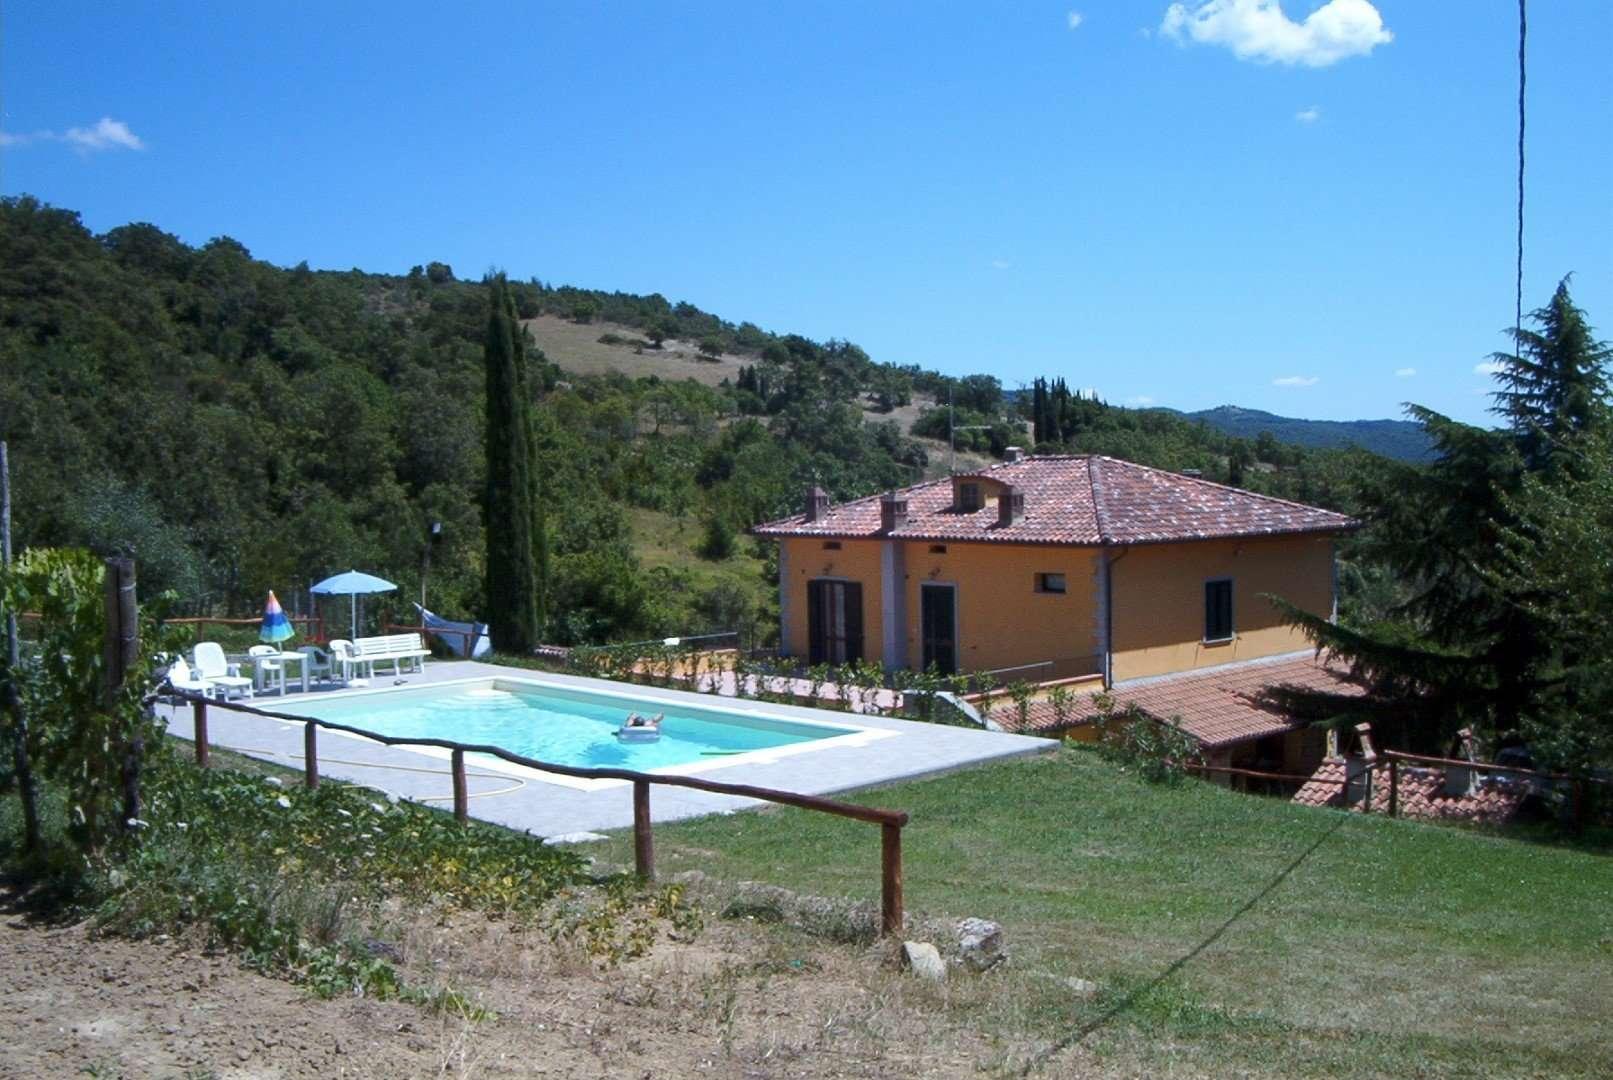 caldesi zwembad en huis